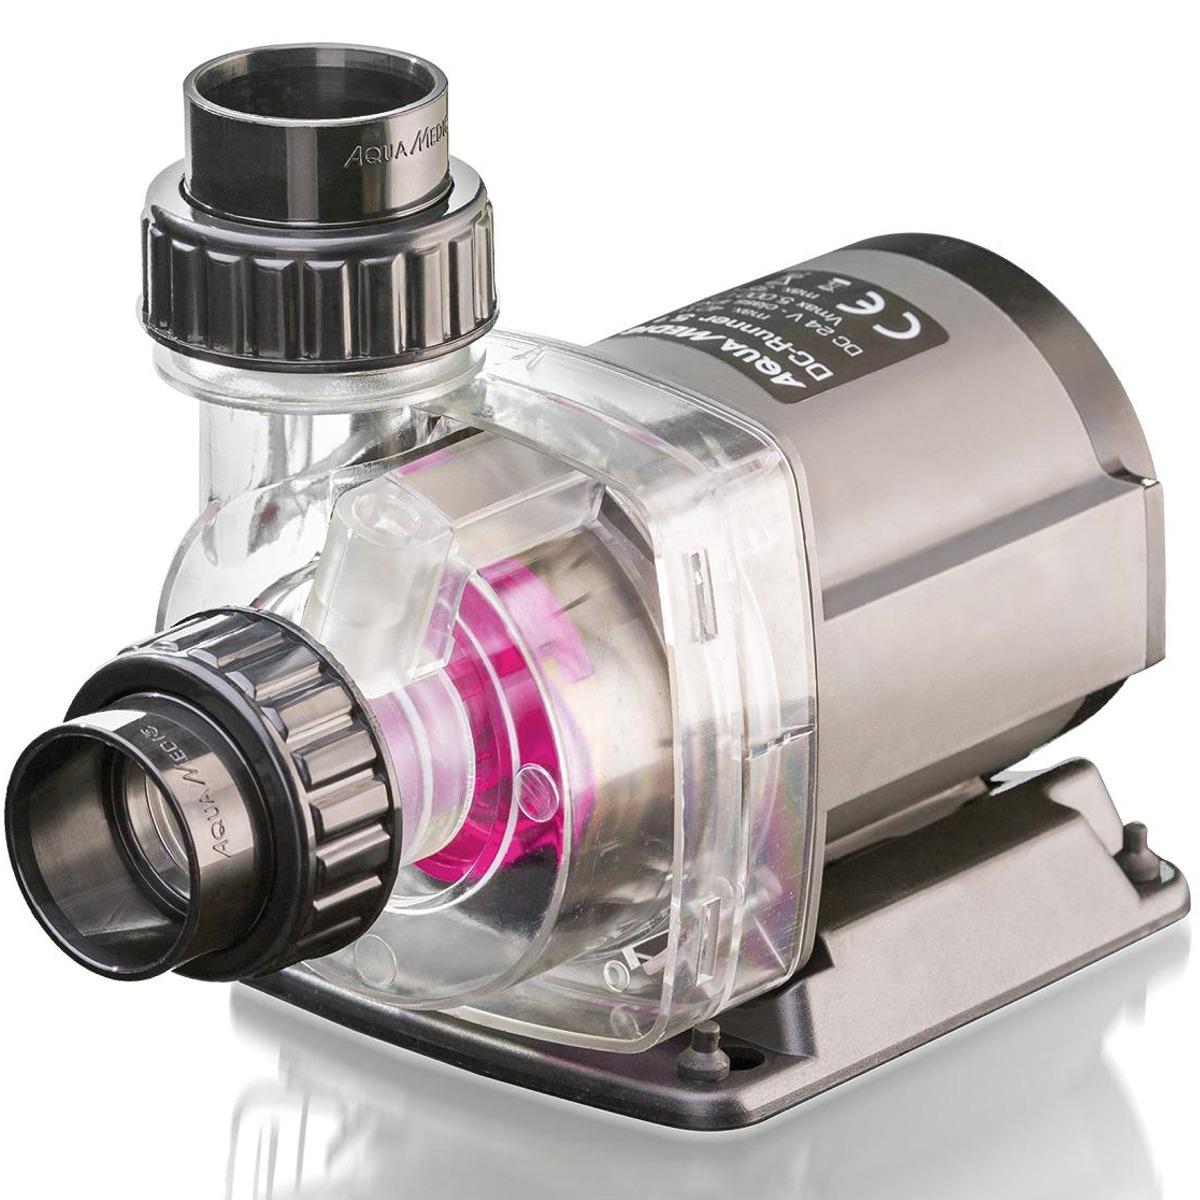 AQUA MEDIC DC Runner 5.3 Ultra Silent pompe 5000 L/h avec contrôleur pour aquarium d\'eau douce et d\'eau mer